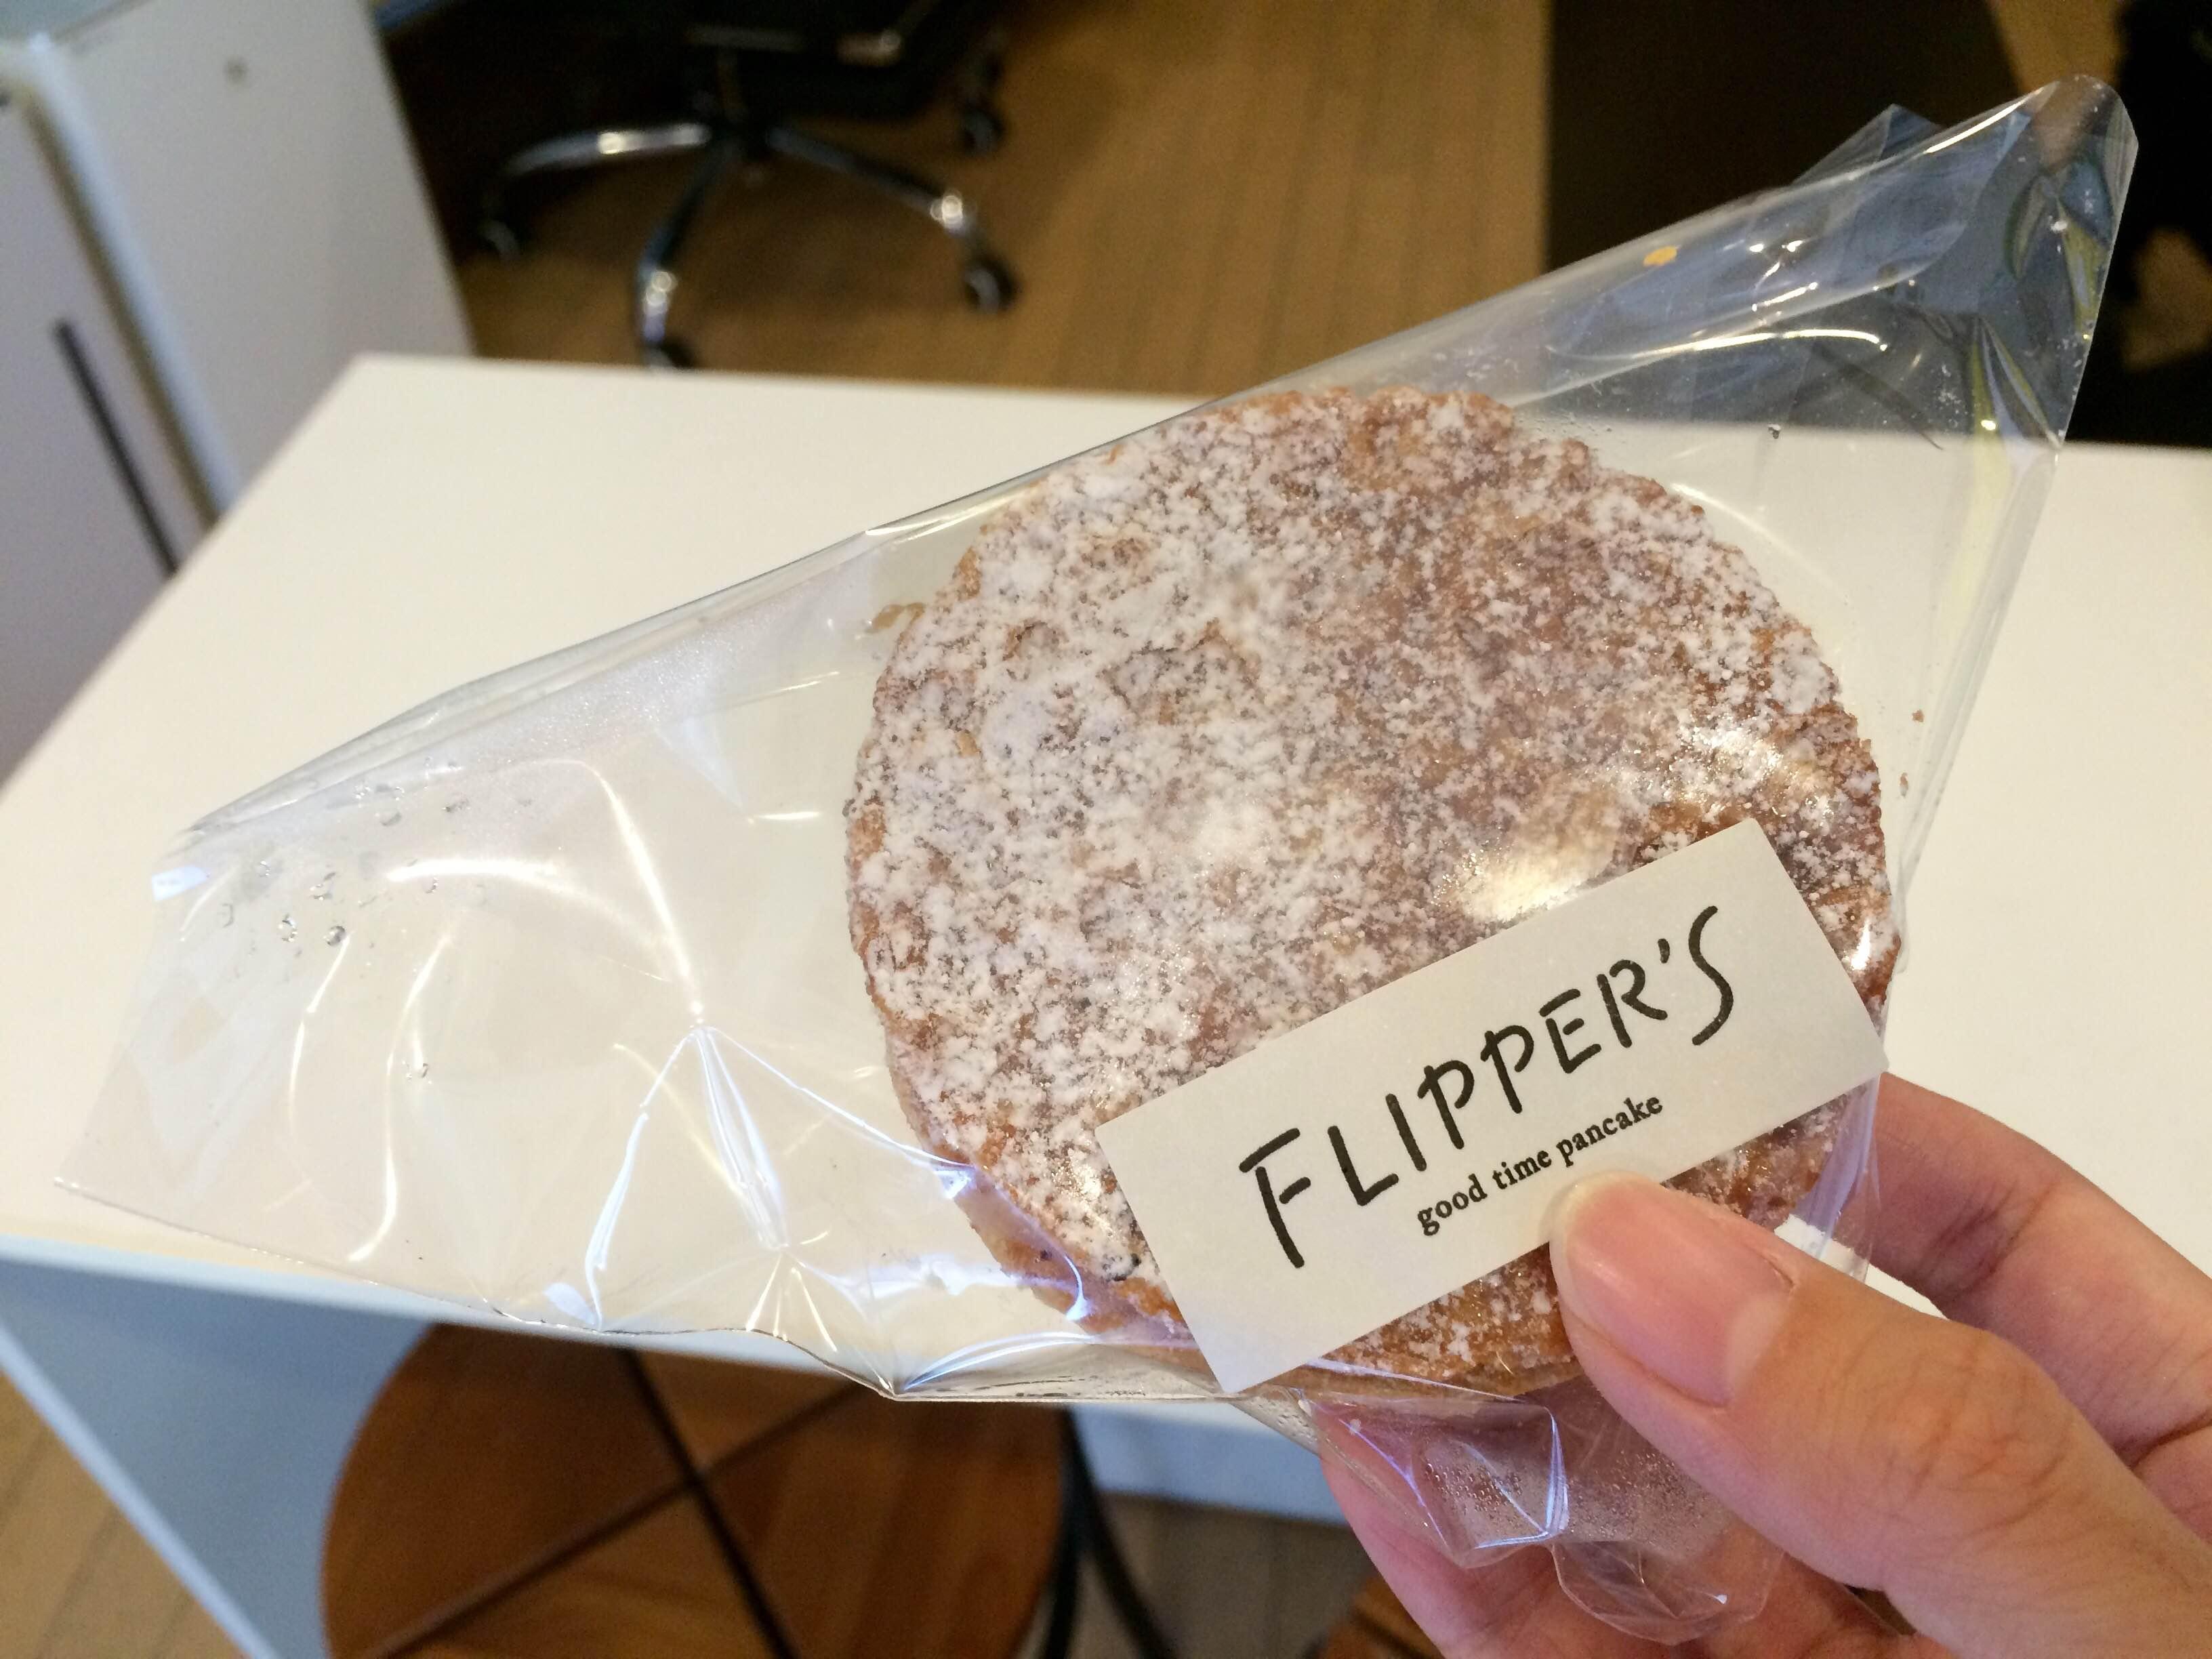 話題のパンケーキ店「FLIPPER'S」のパンケーキパイ